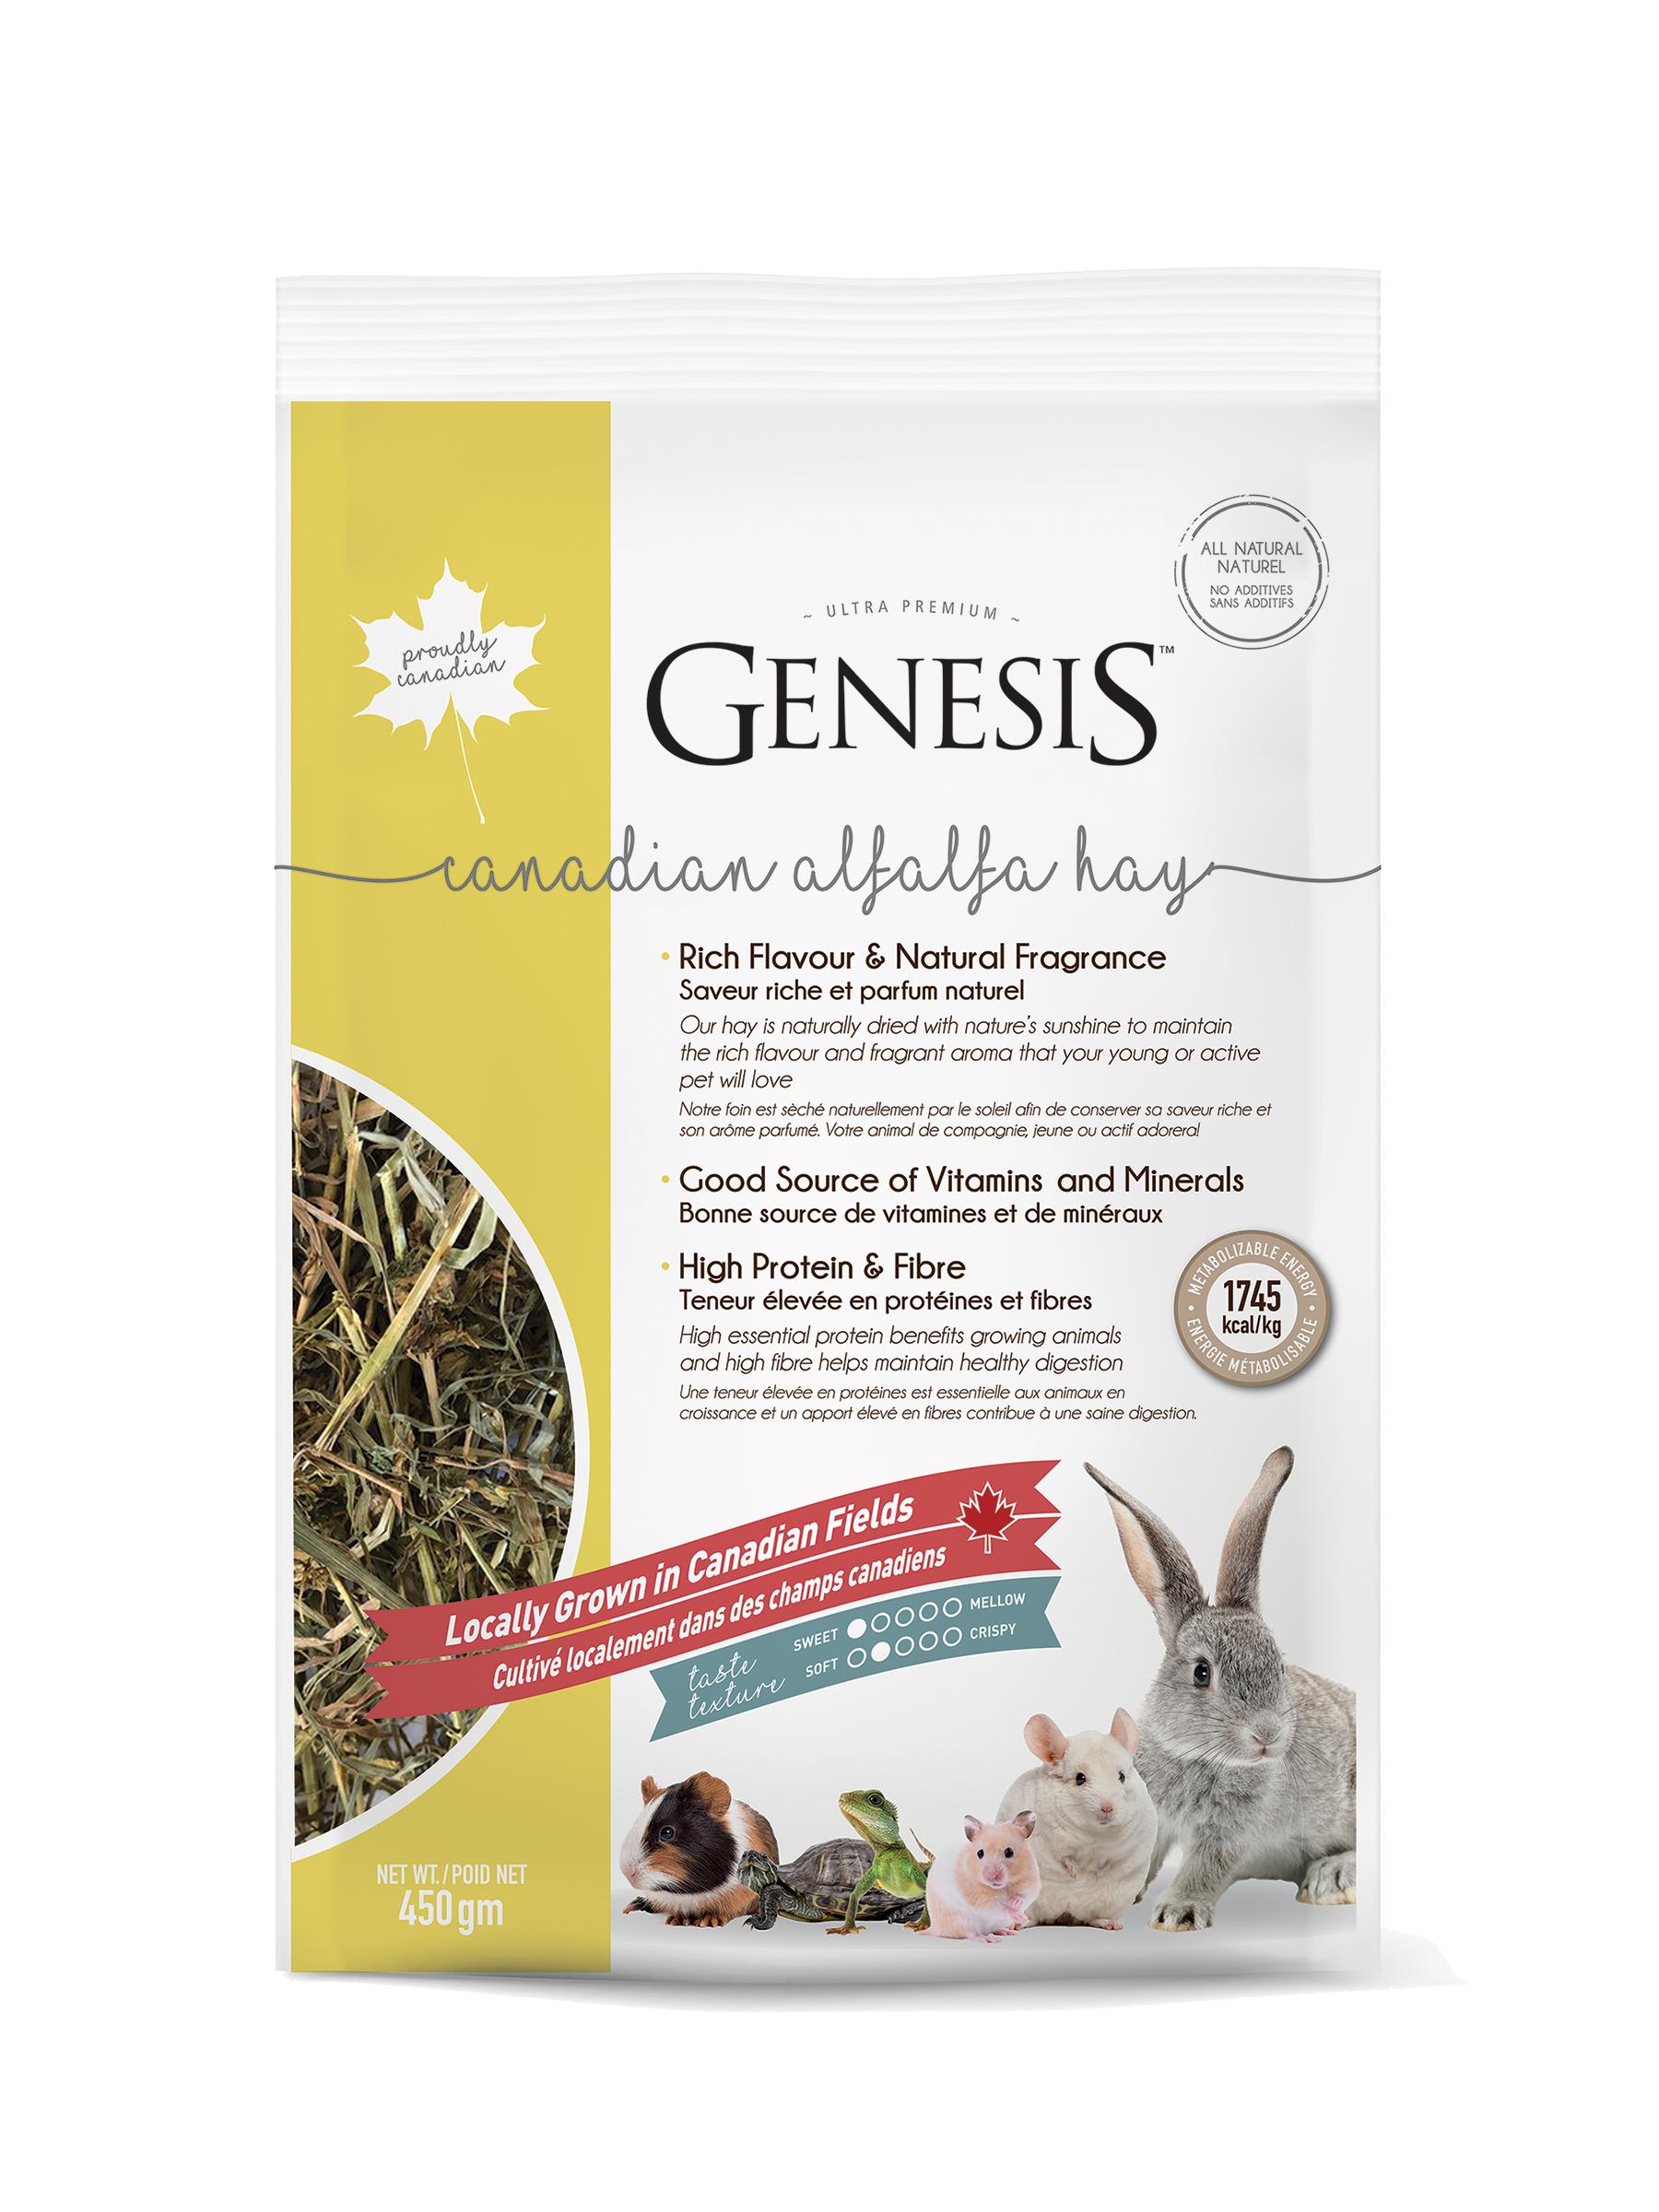 Genesis Alfalfa Hay